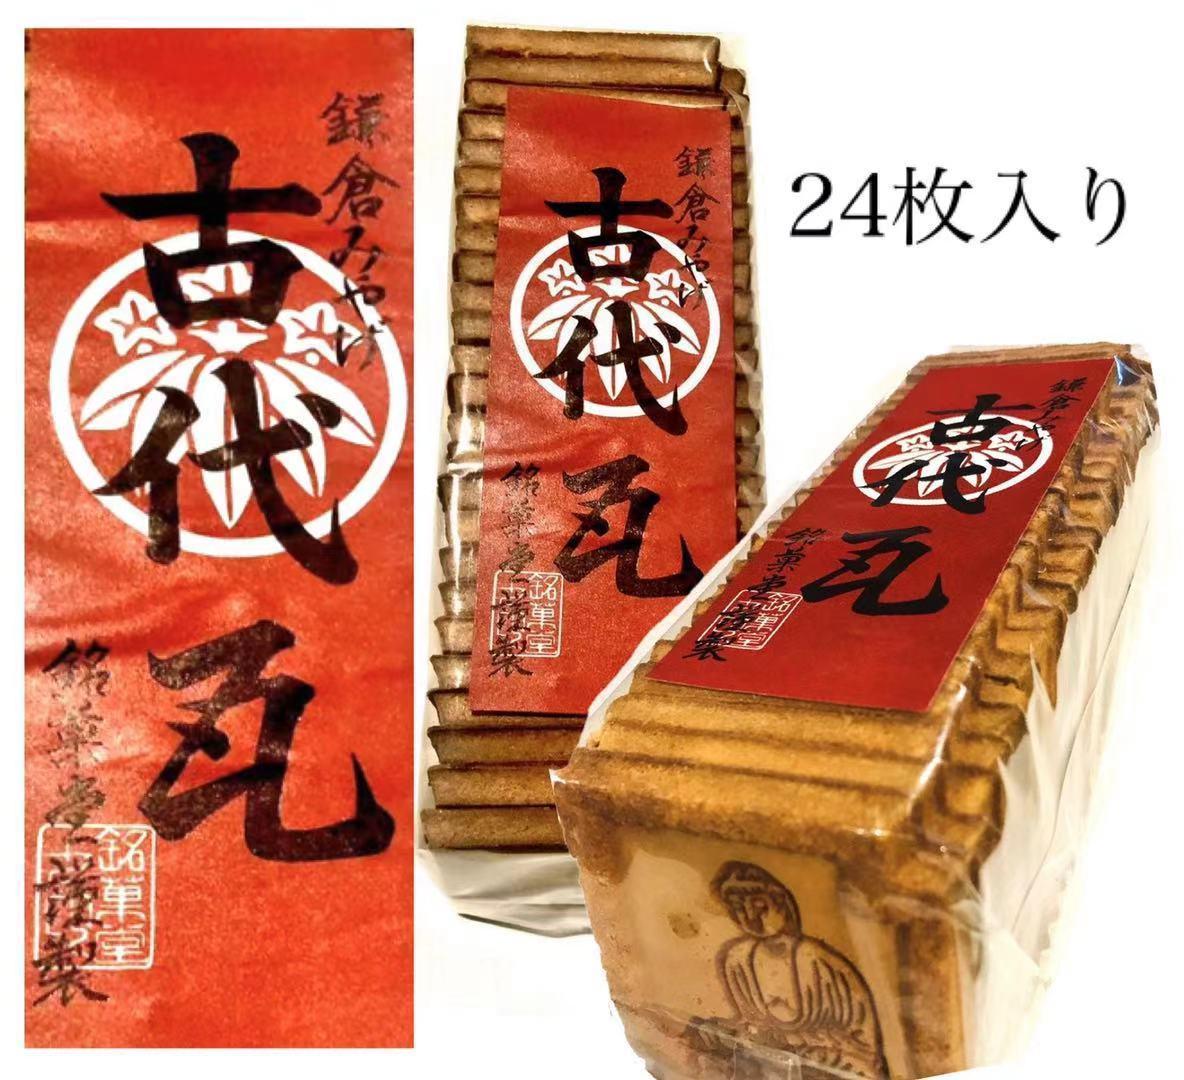 昔ながらの定番 鎌倉古代瓦 鎌倉 古都 大好評です 有名な 定番 瓦煎餅 お土産 修学旅行